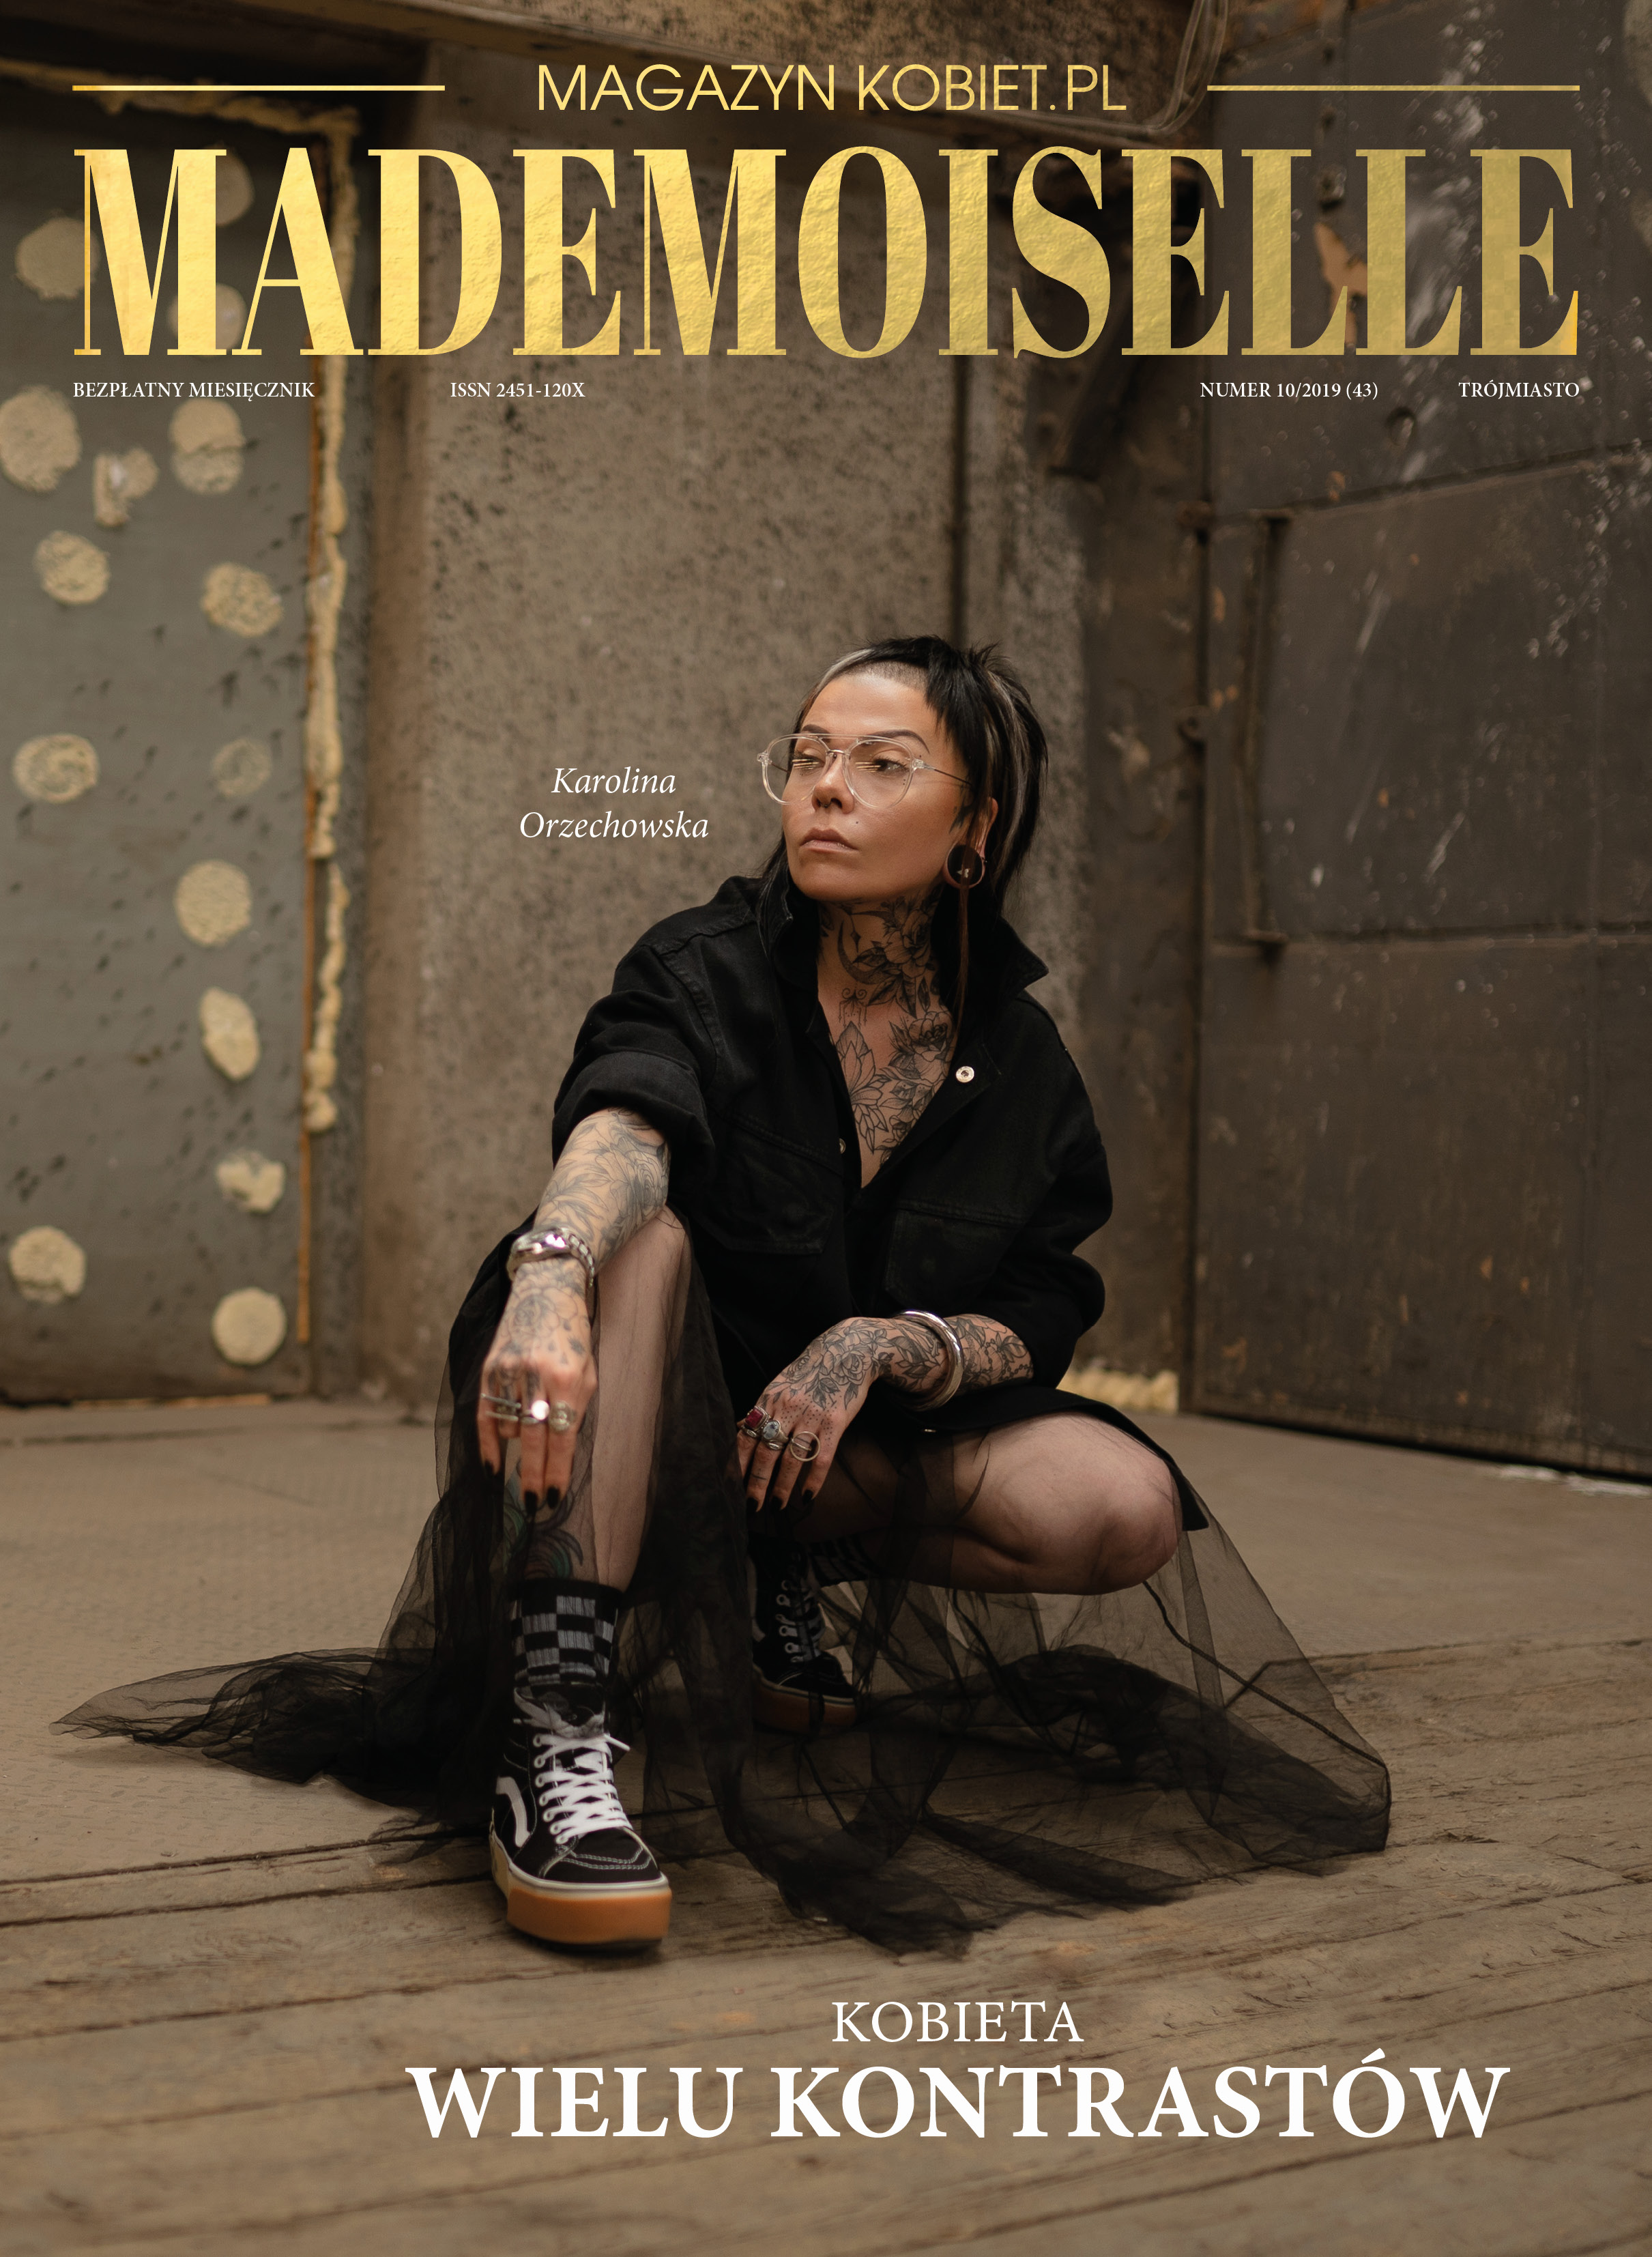 magazynkobiet.pl - MADEMOISELLE 2019.10 43 - Archiwum czasopism